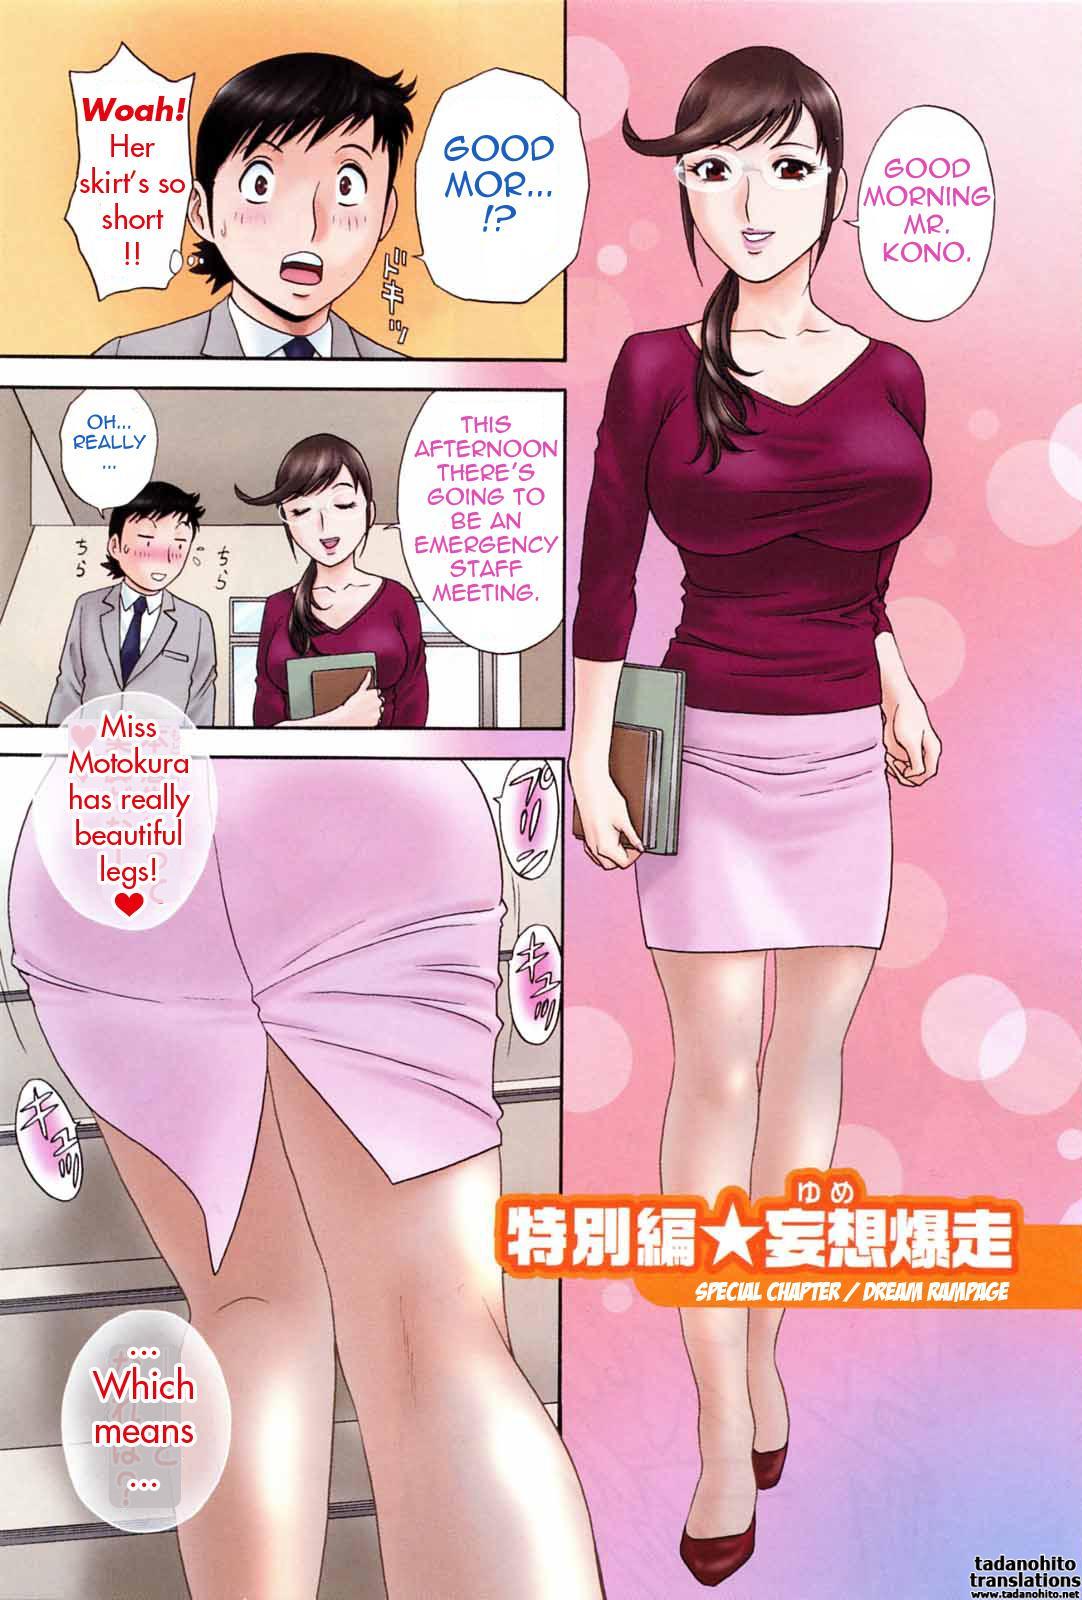 [Hidemaru] Mo-Retsu! Boin Sensei (Boing Boing Teacher) Vol.5 [English] [4dawgz] [Tadanohito] 4